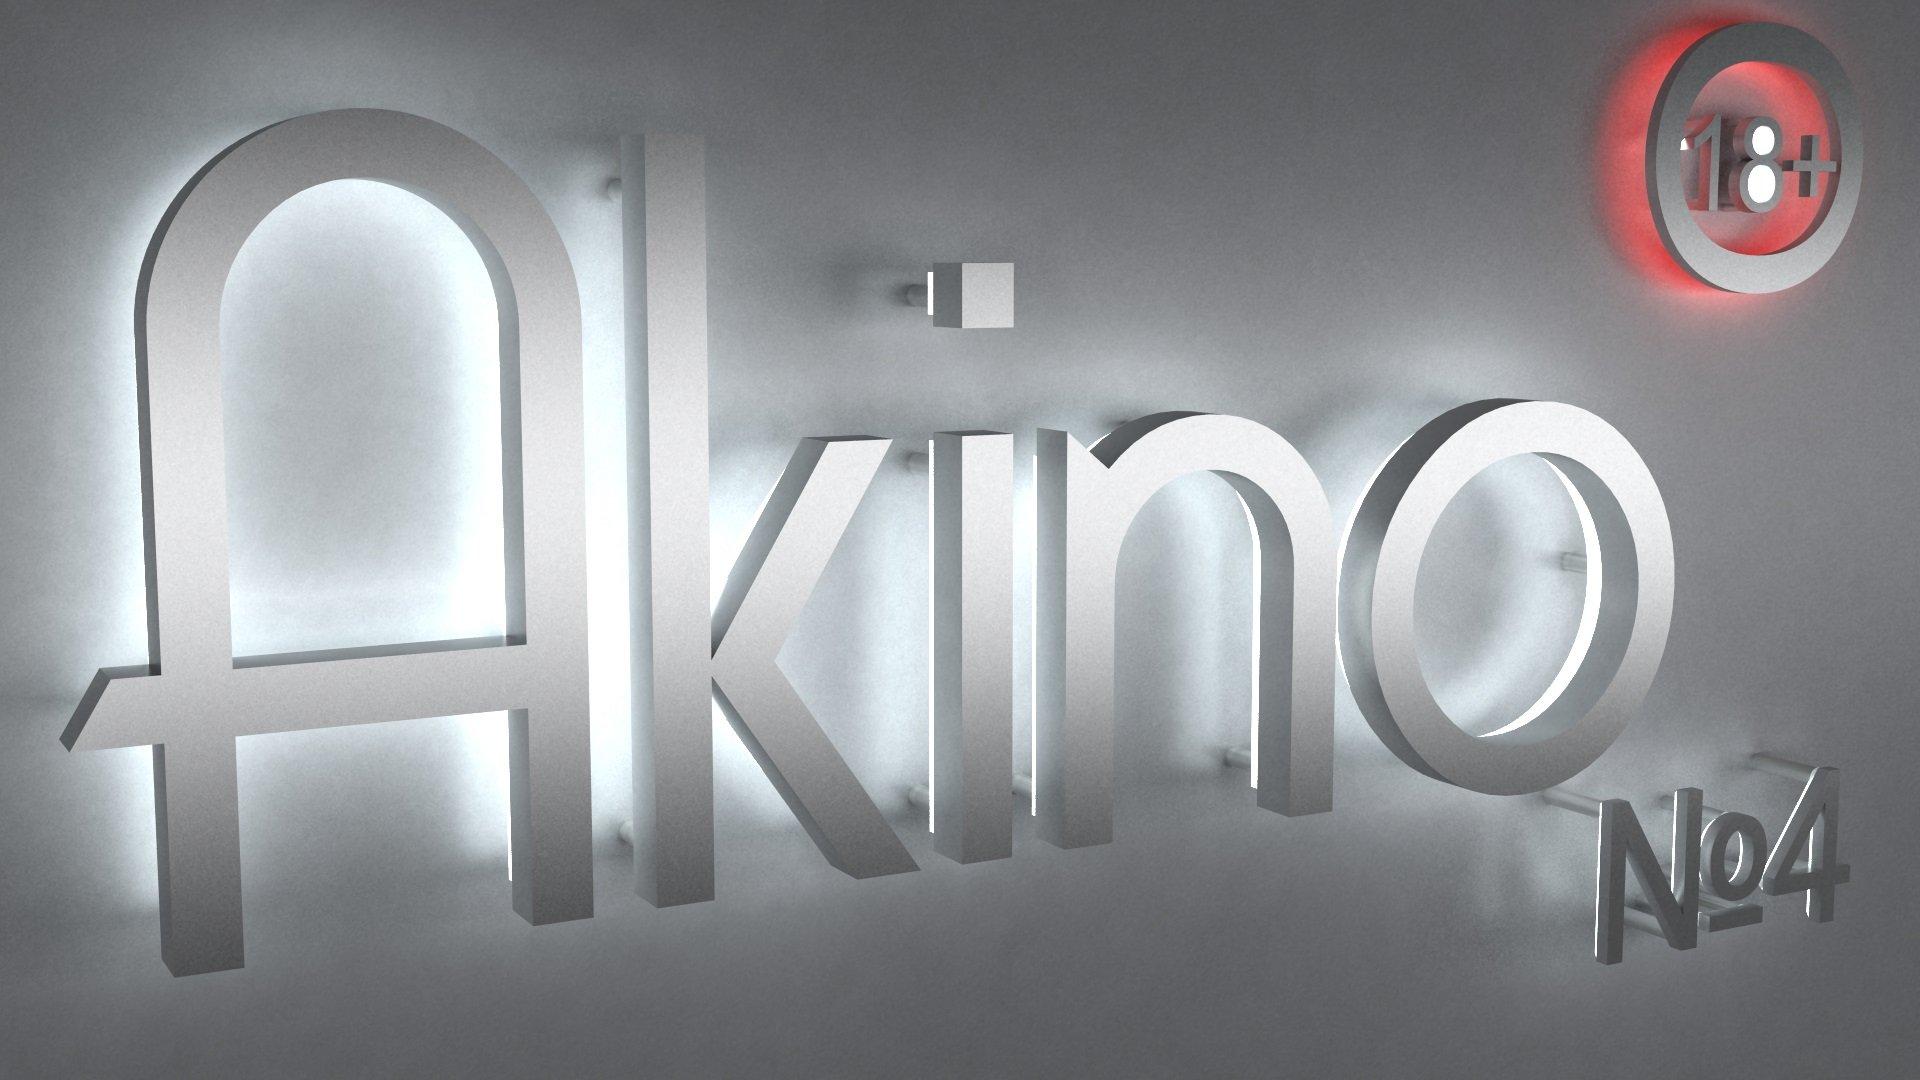 Подкаст AkiNO Выпуск №4 (18+) - Изображение 1